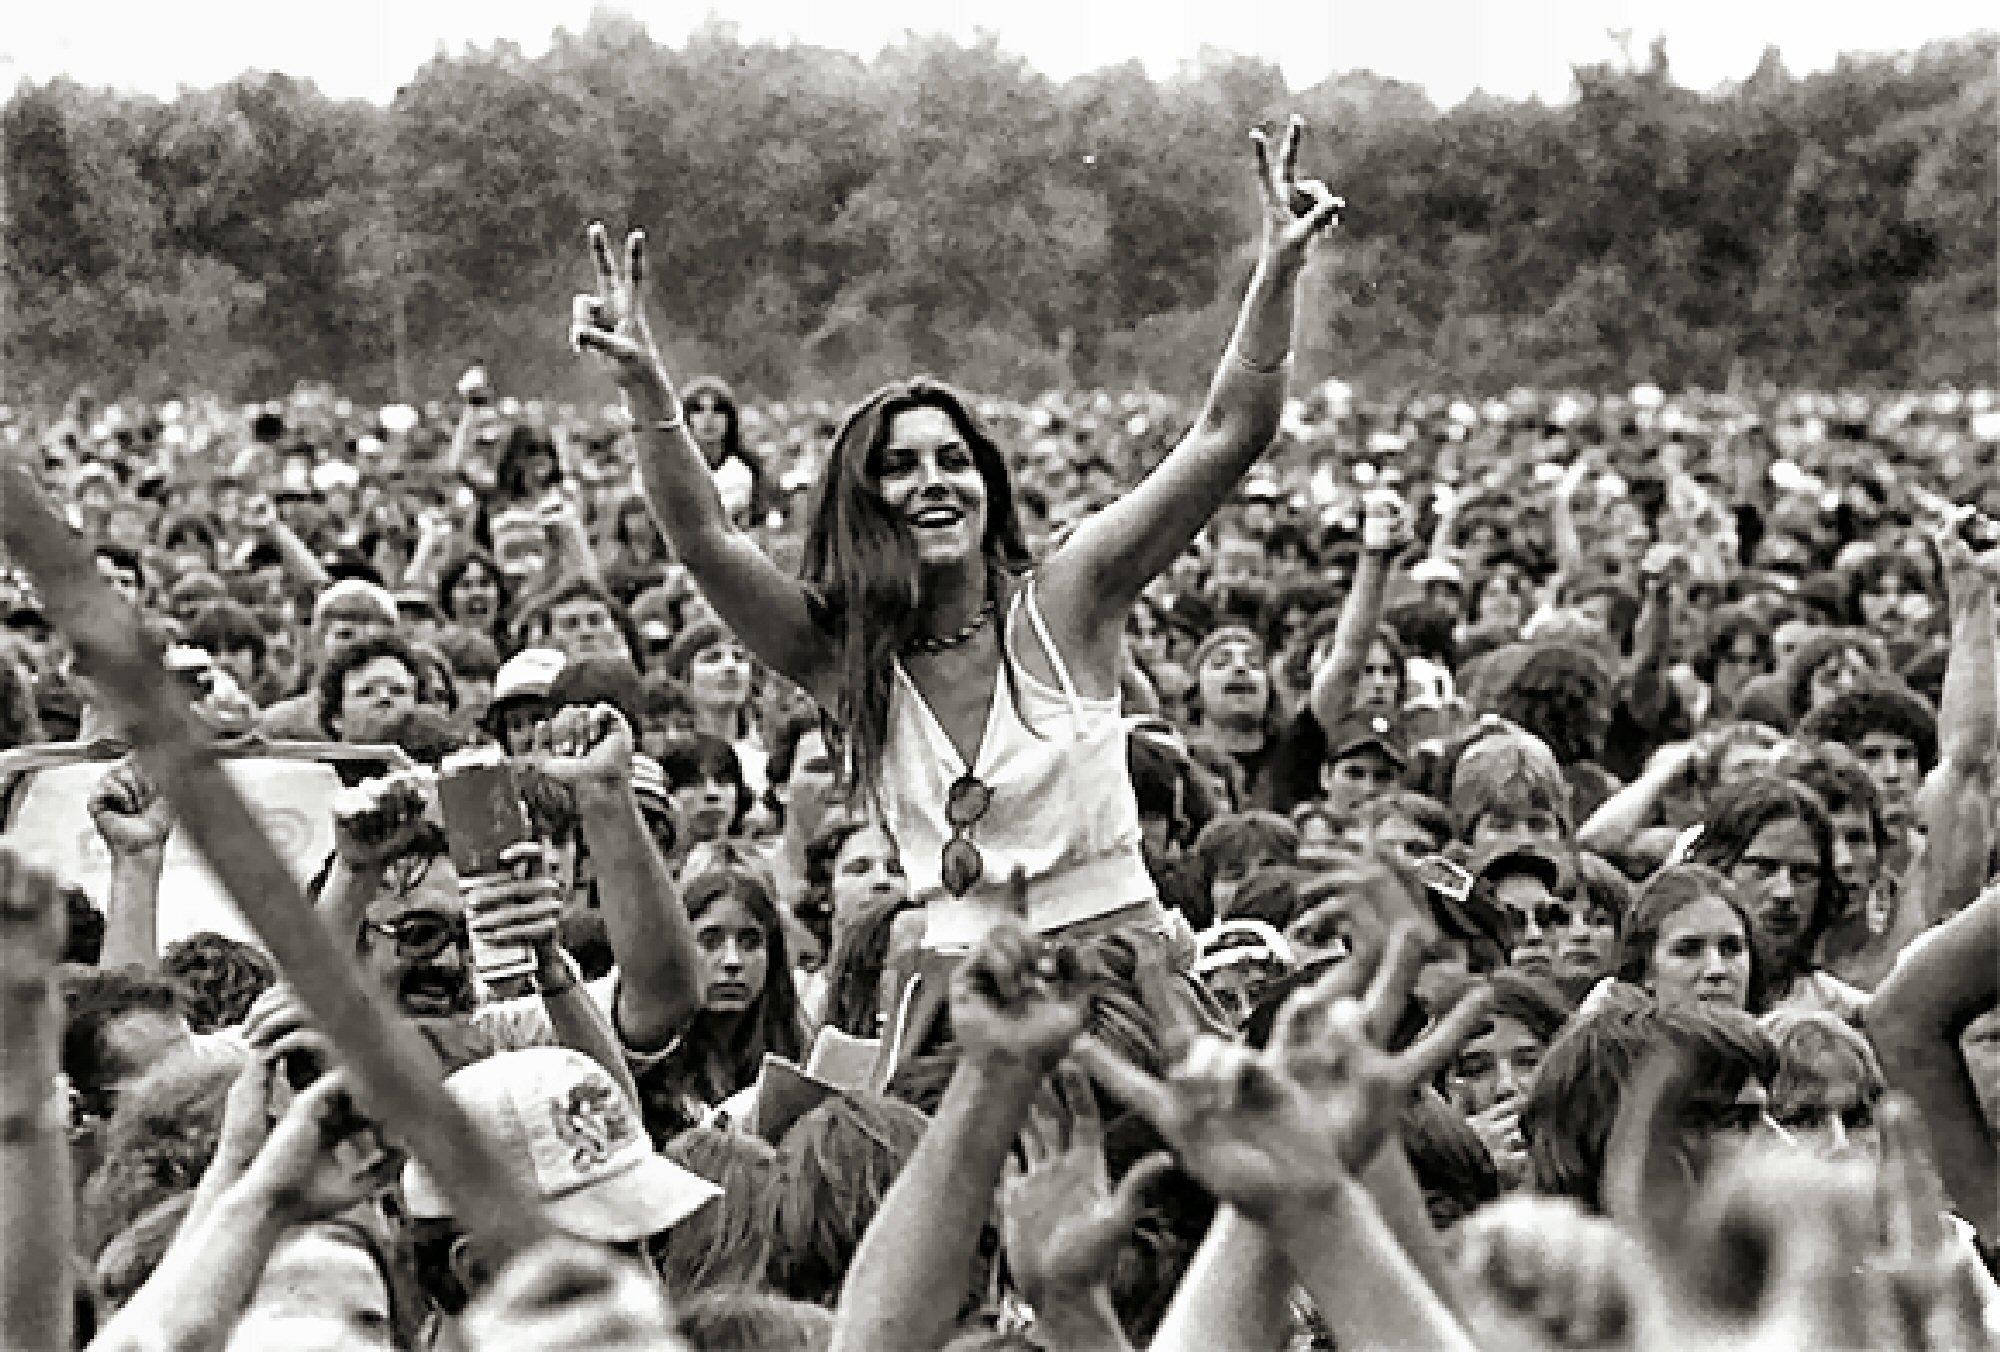 Woodstock 50th Anniversary 1969 - 2019 50th anniversary